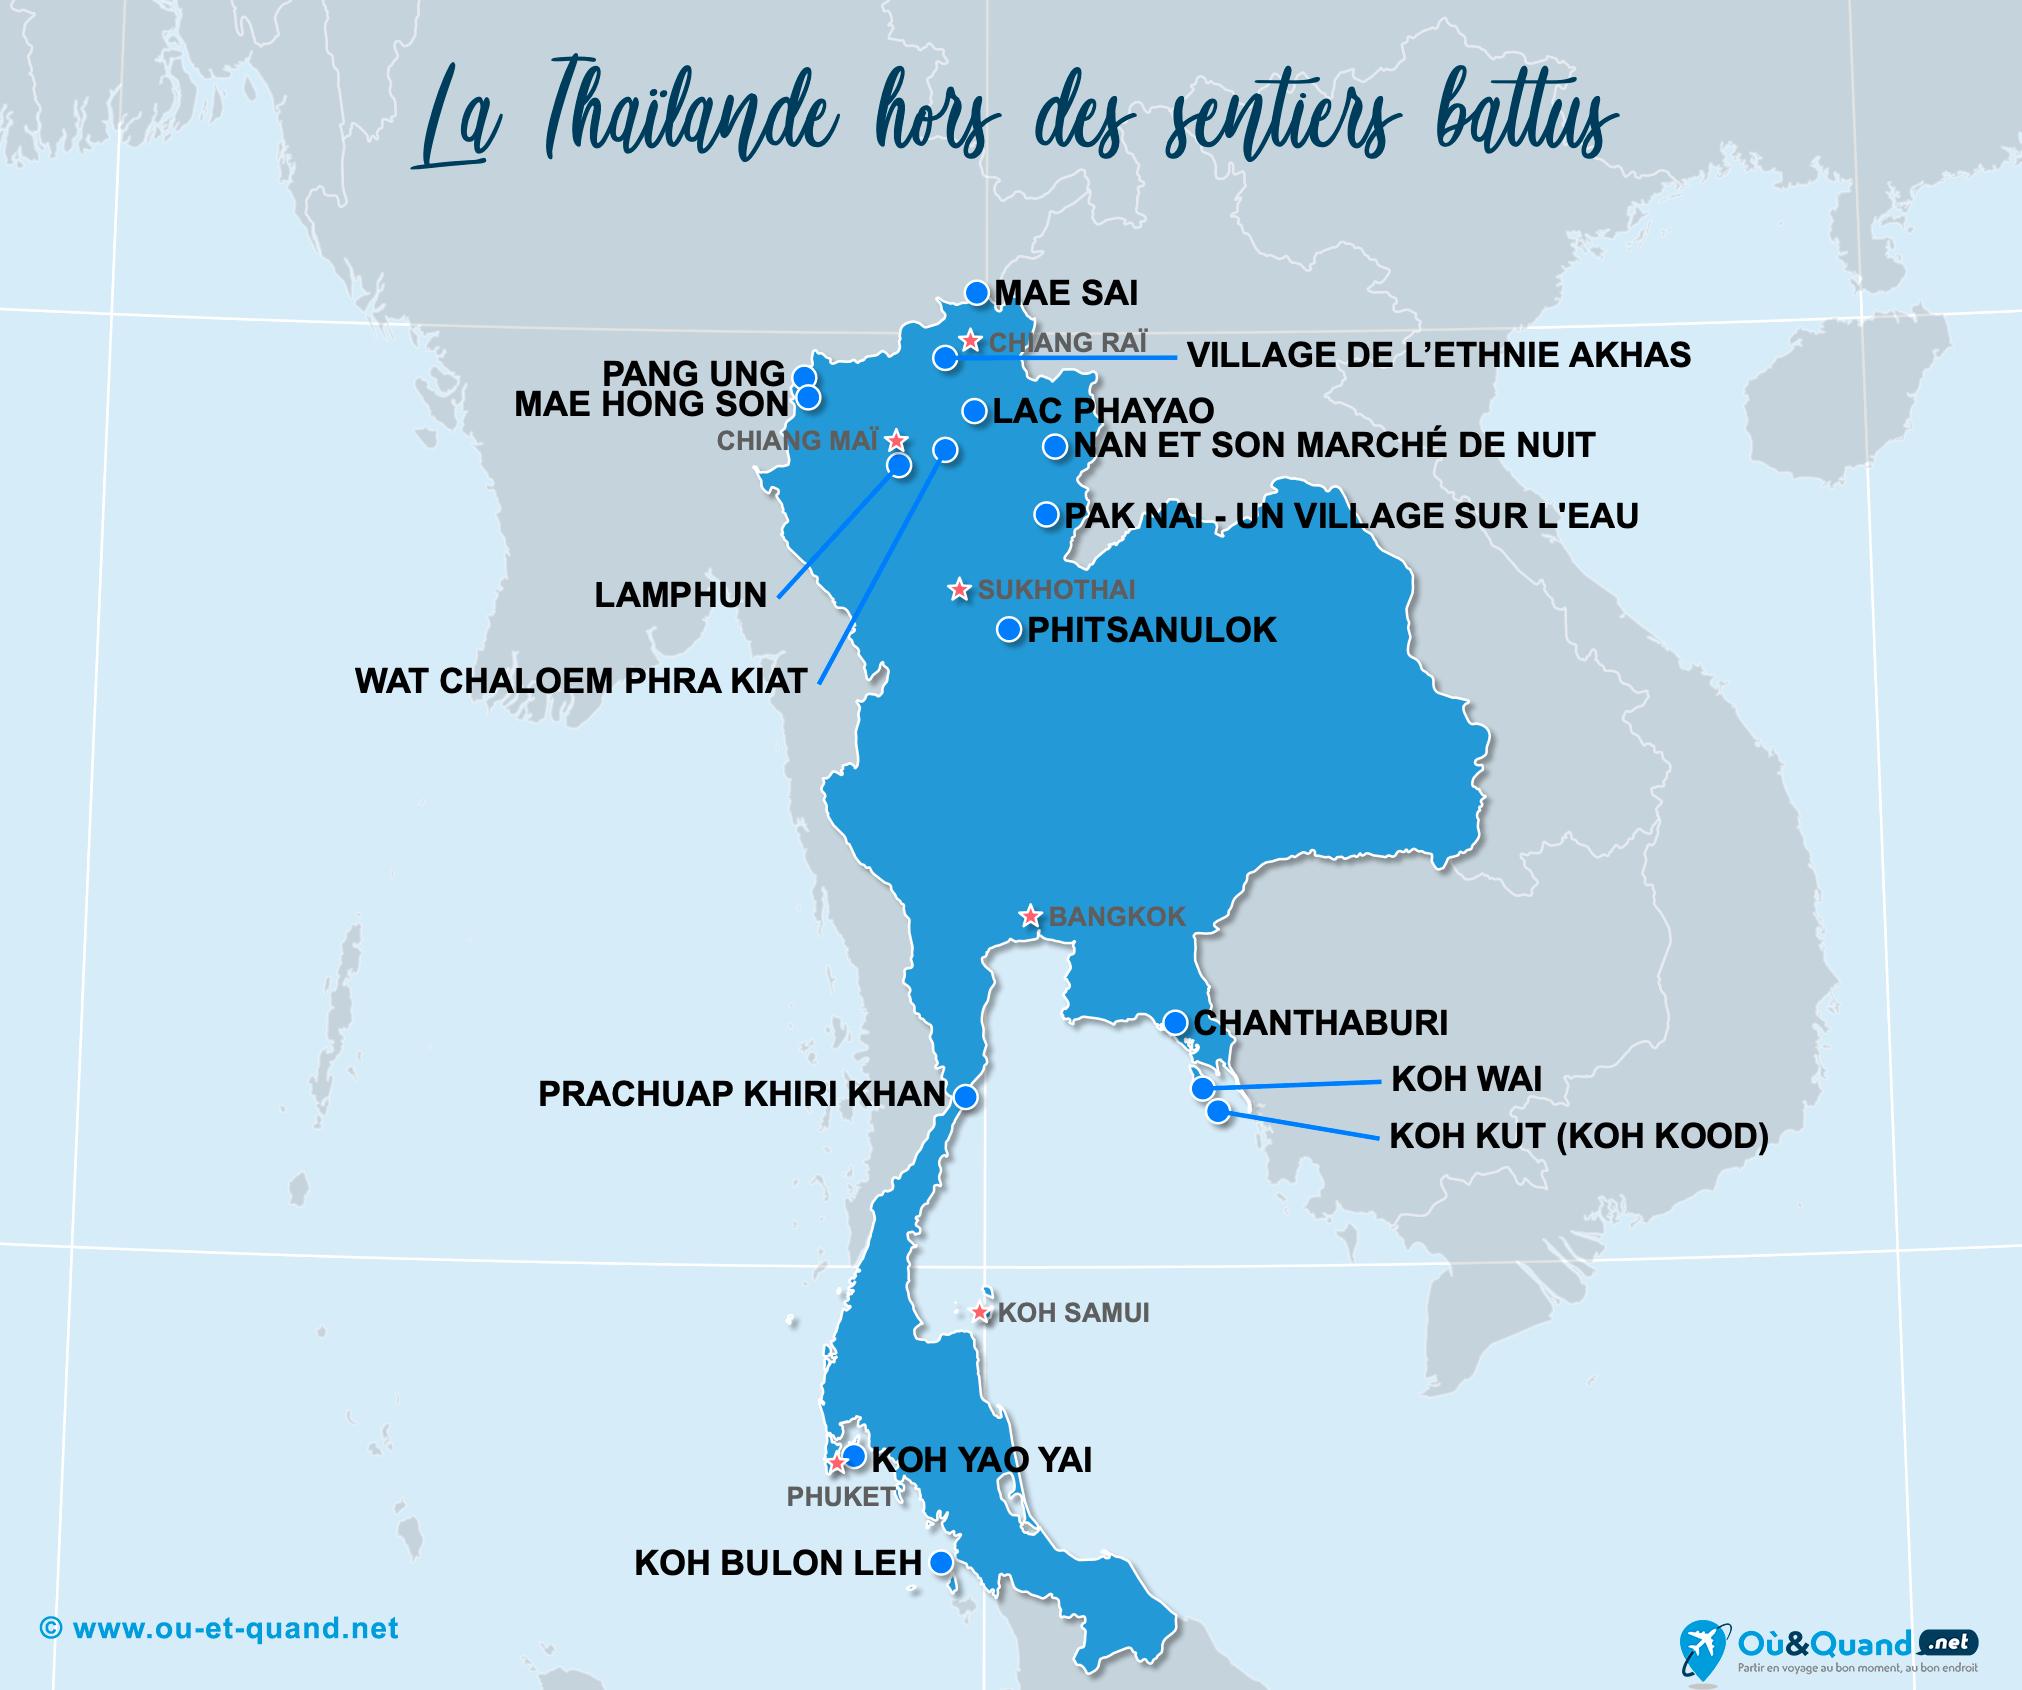 Carte Thaïlande : La Thaïlande hors des sentiers battus